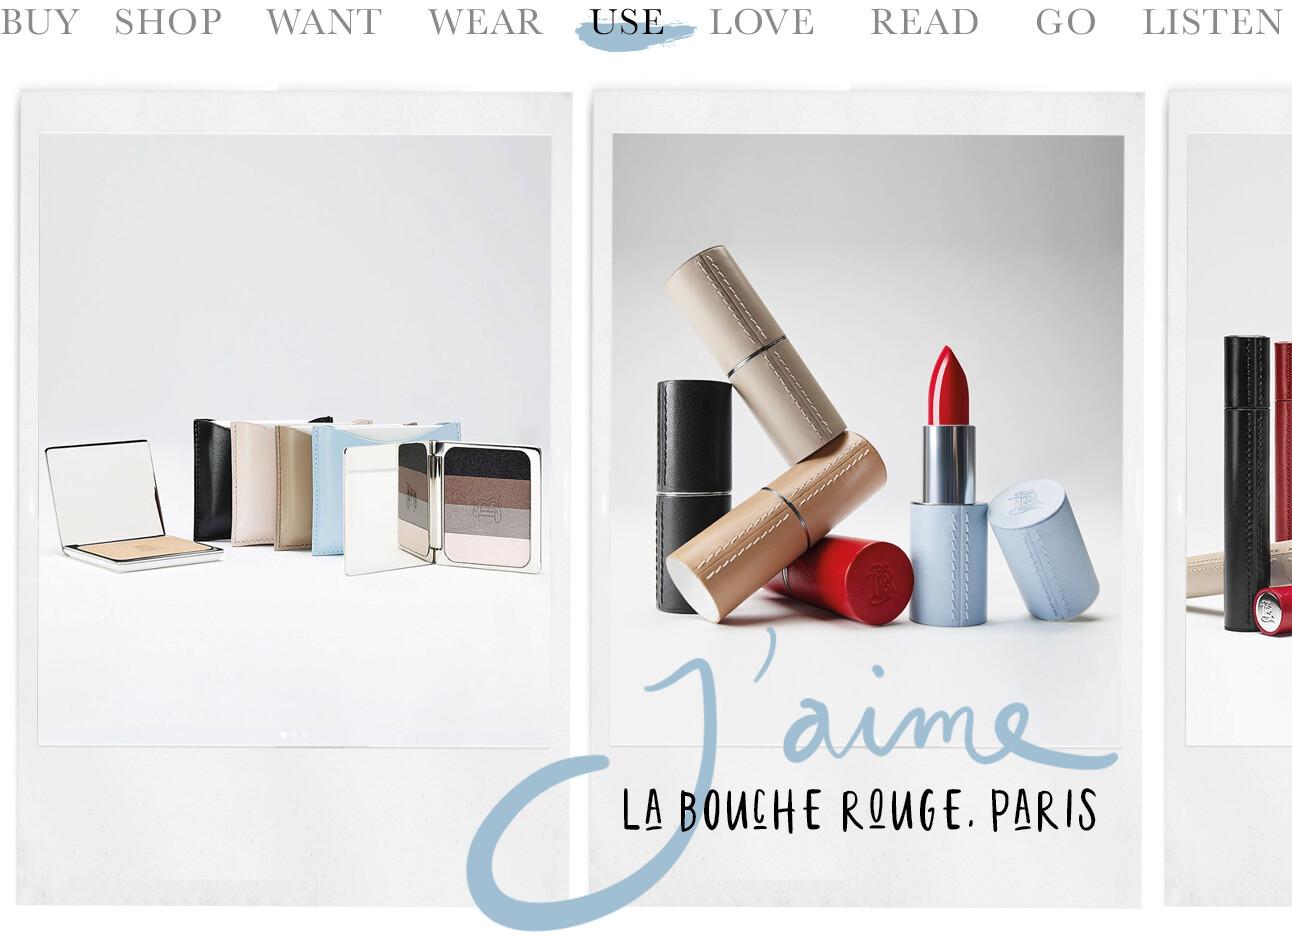 La Bouge Rouge, Paris beauty Lotte